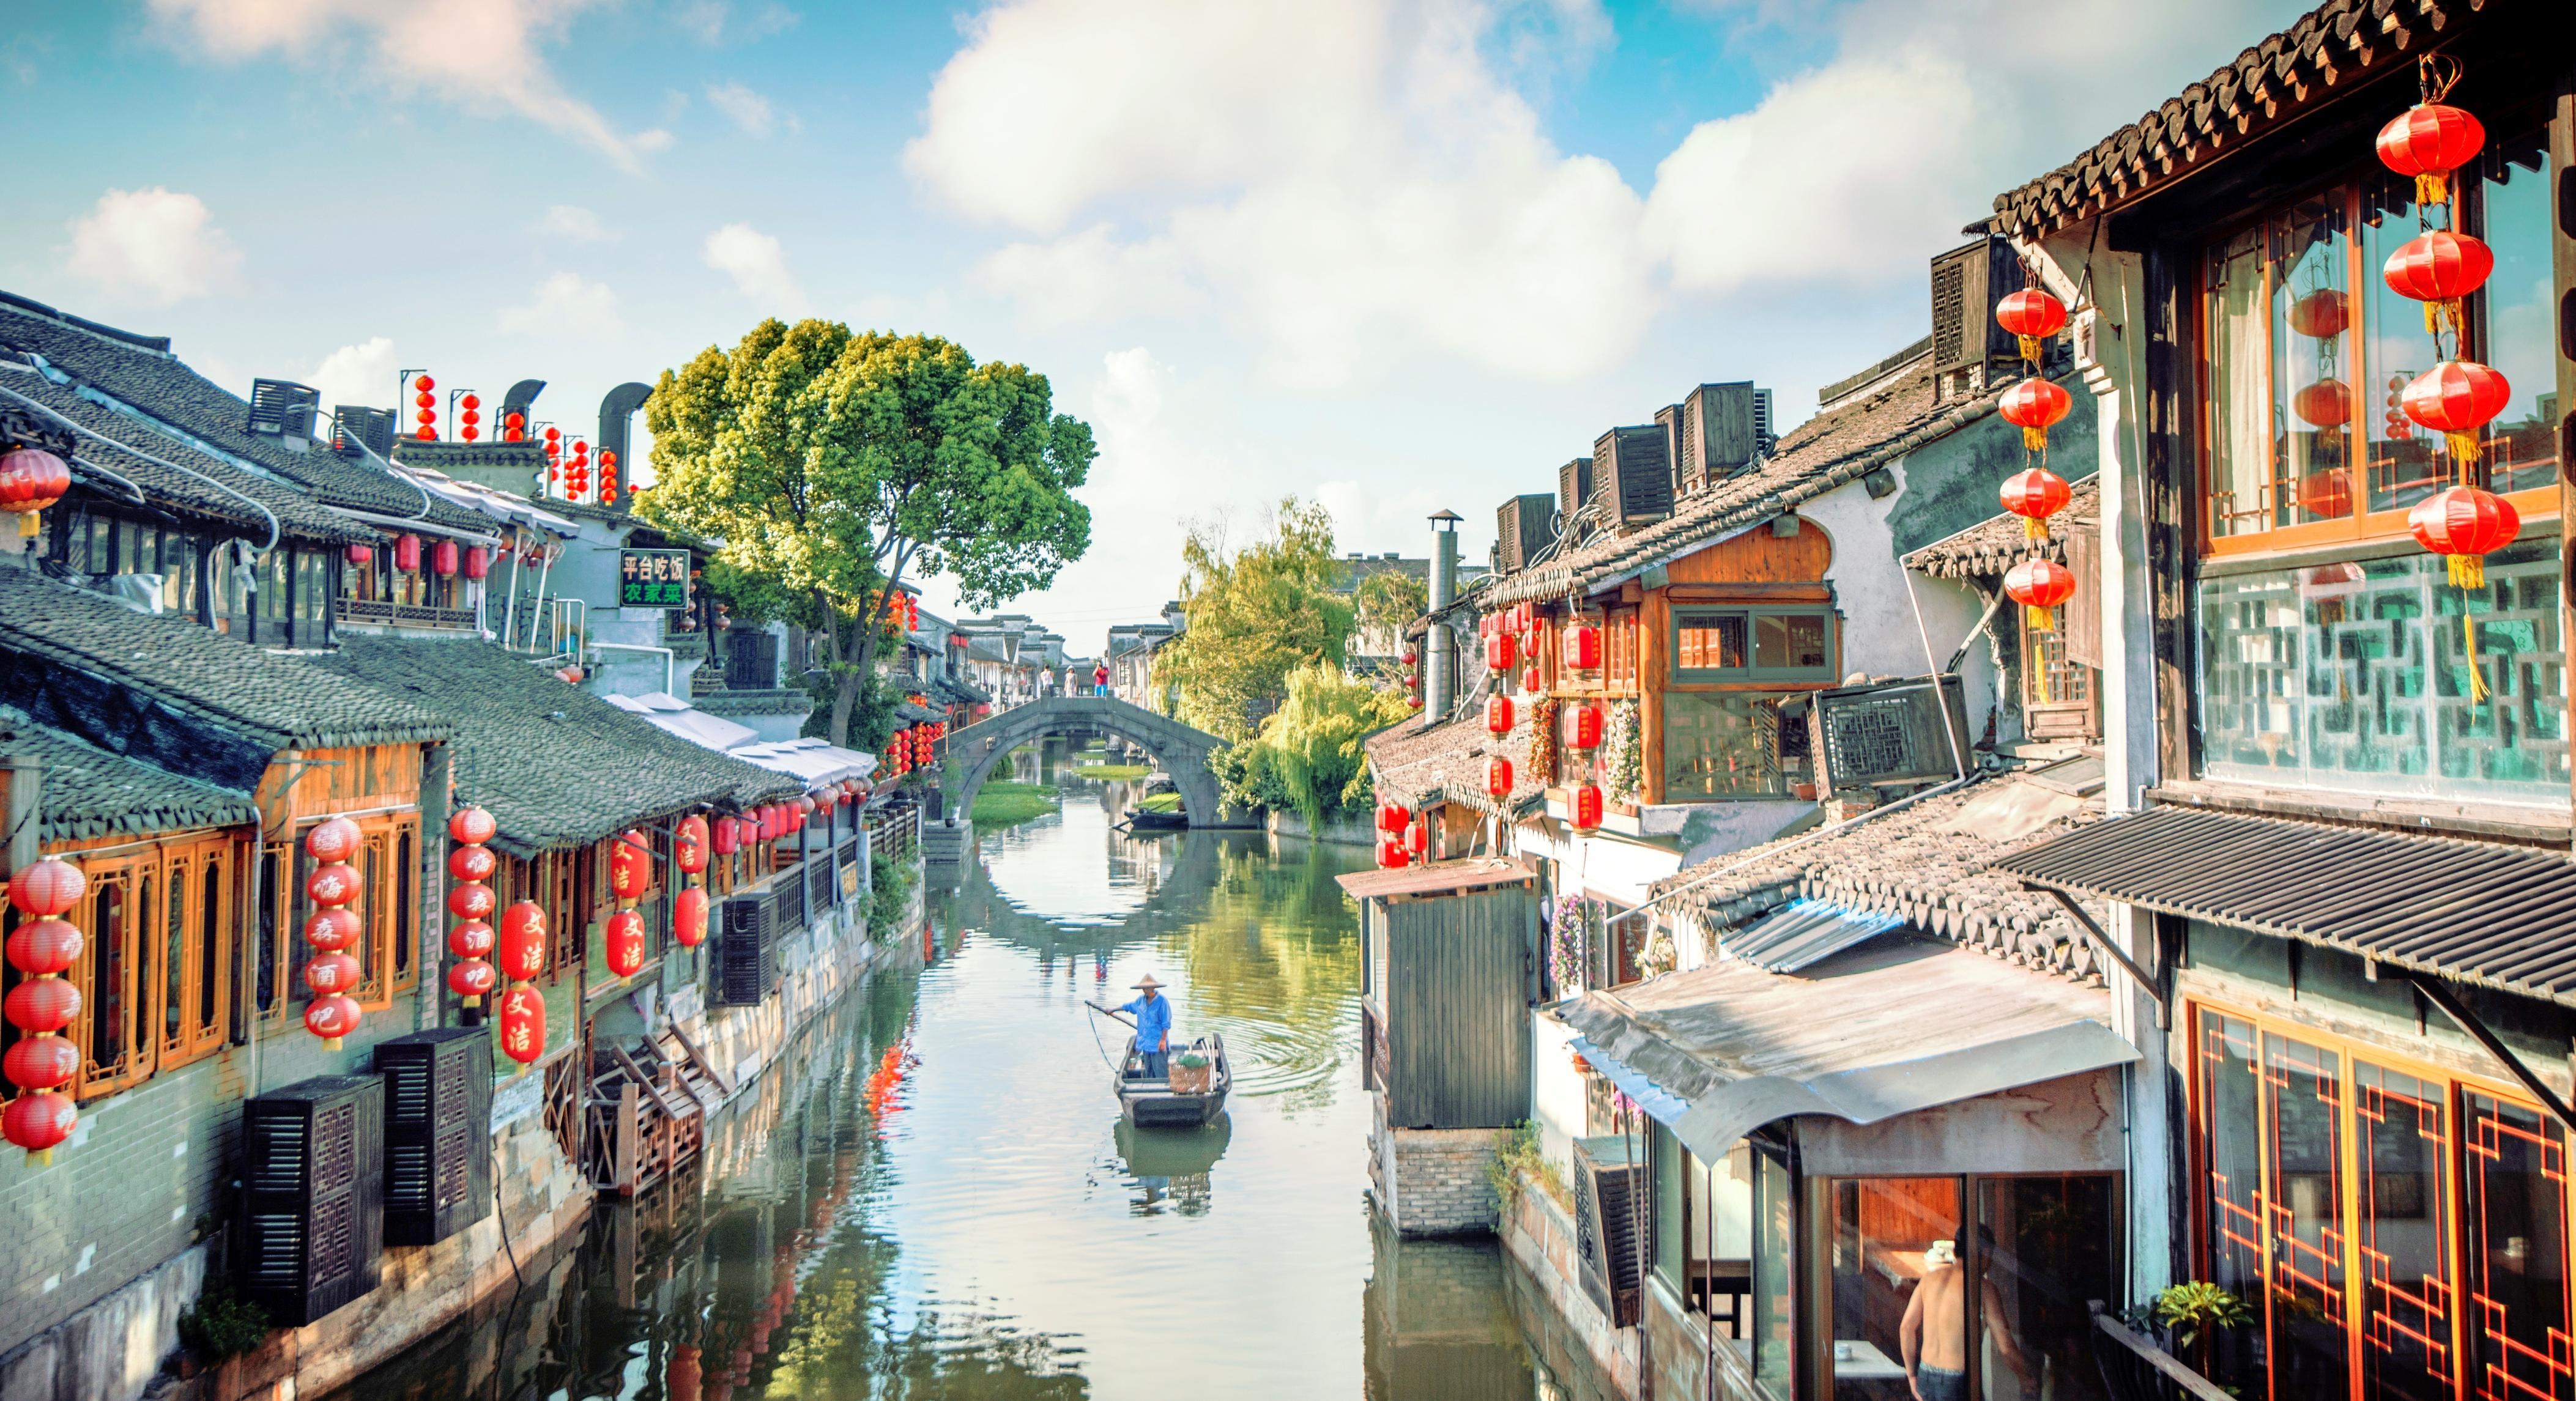 Xitang Scenic Area